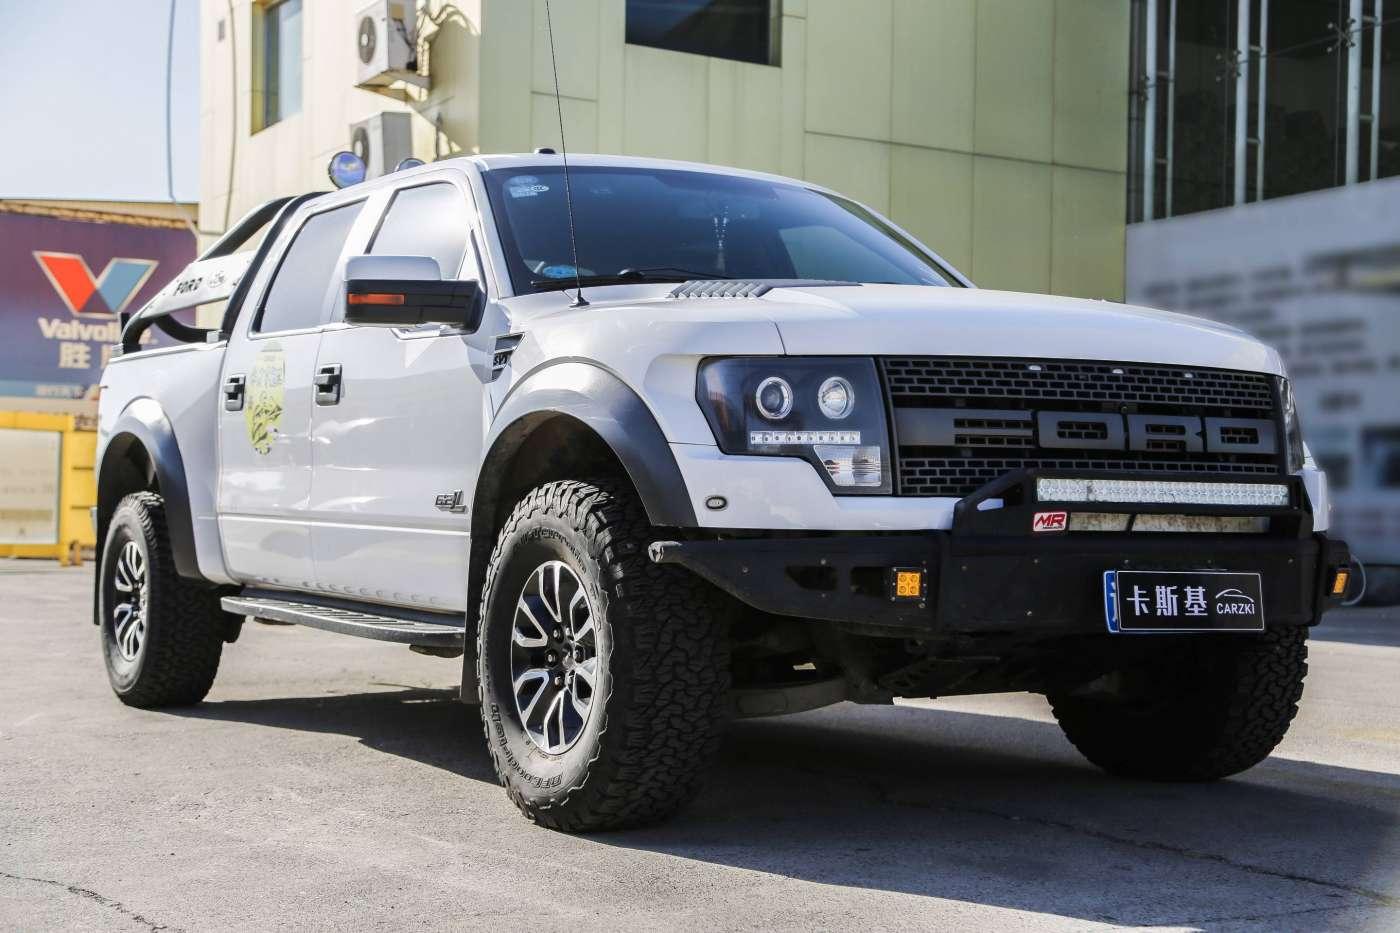 福特F-150 2011款 6.2L SVT Raptor SuperCab|甄选福特-北京卡斯基汽车服务有限公司